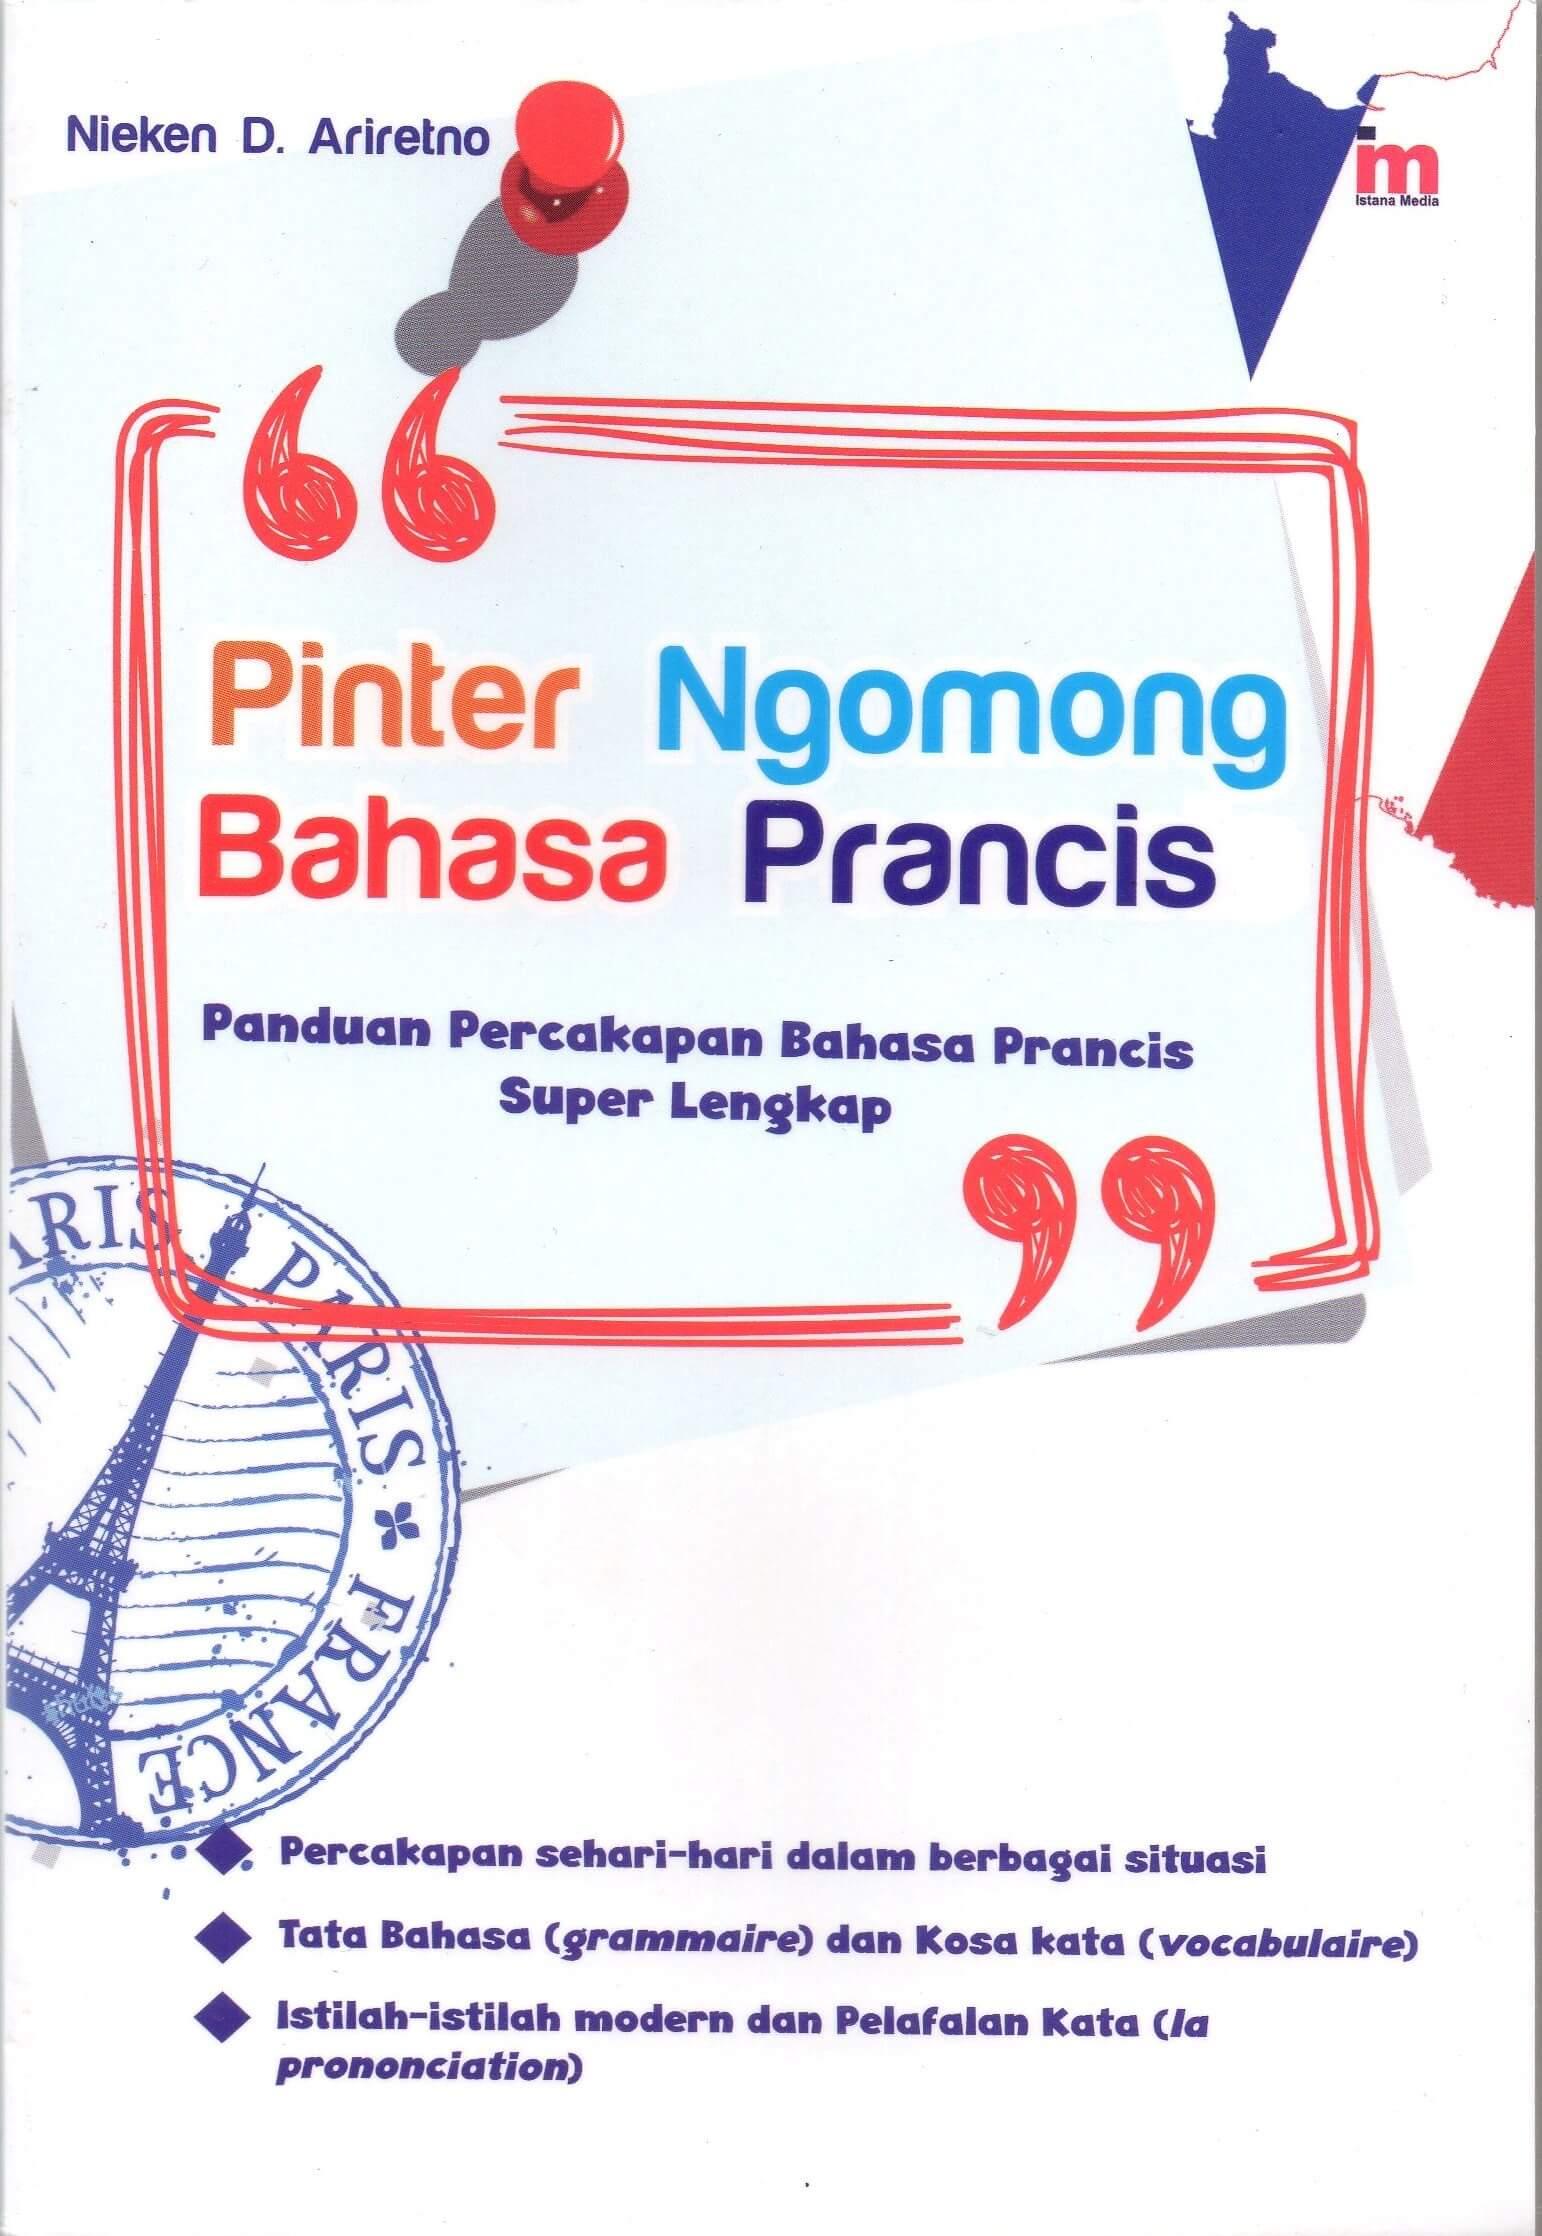 BAHASA PRANCIS: PINTER NGOMONGen